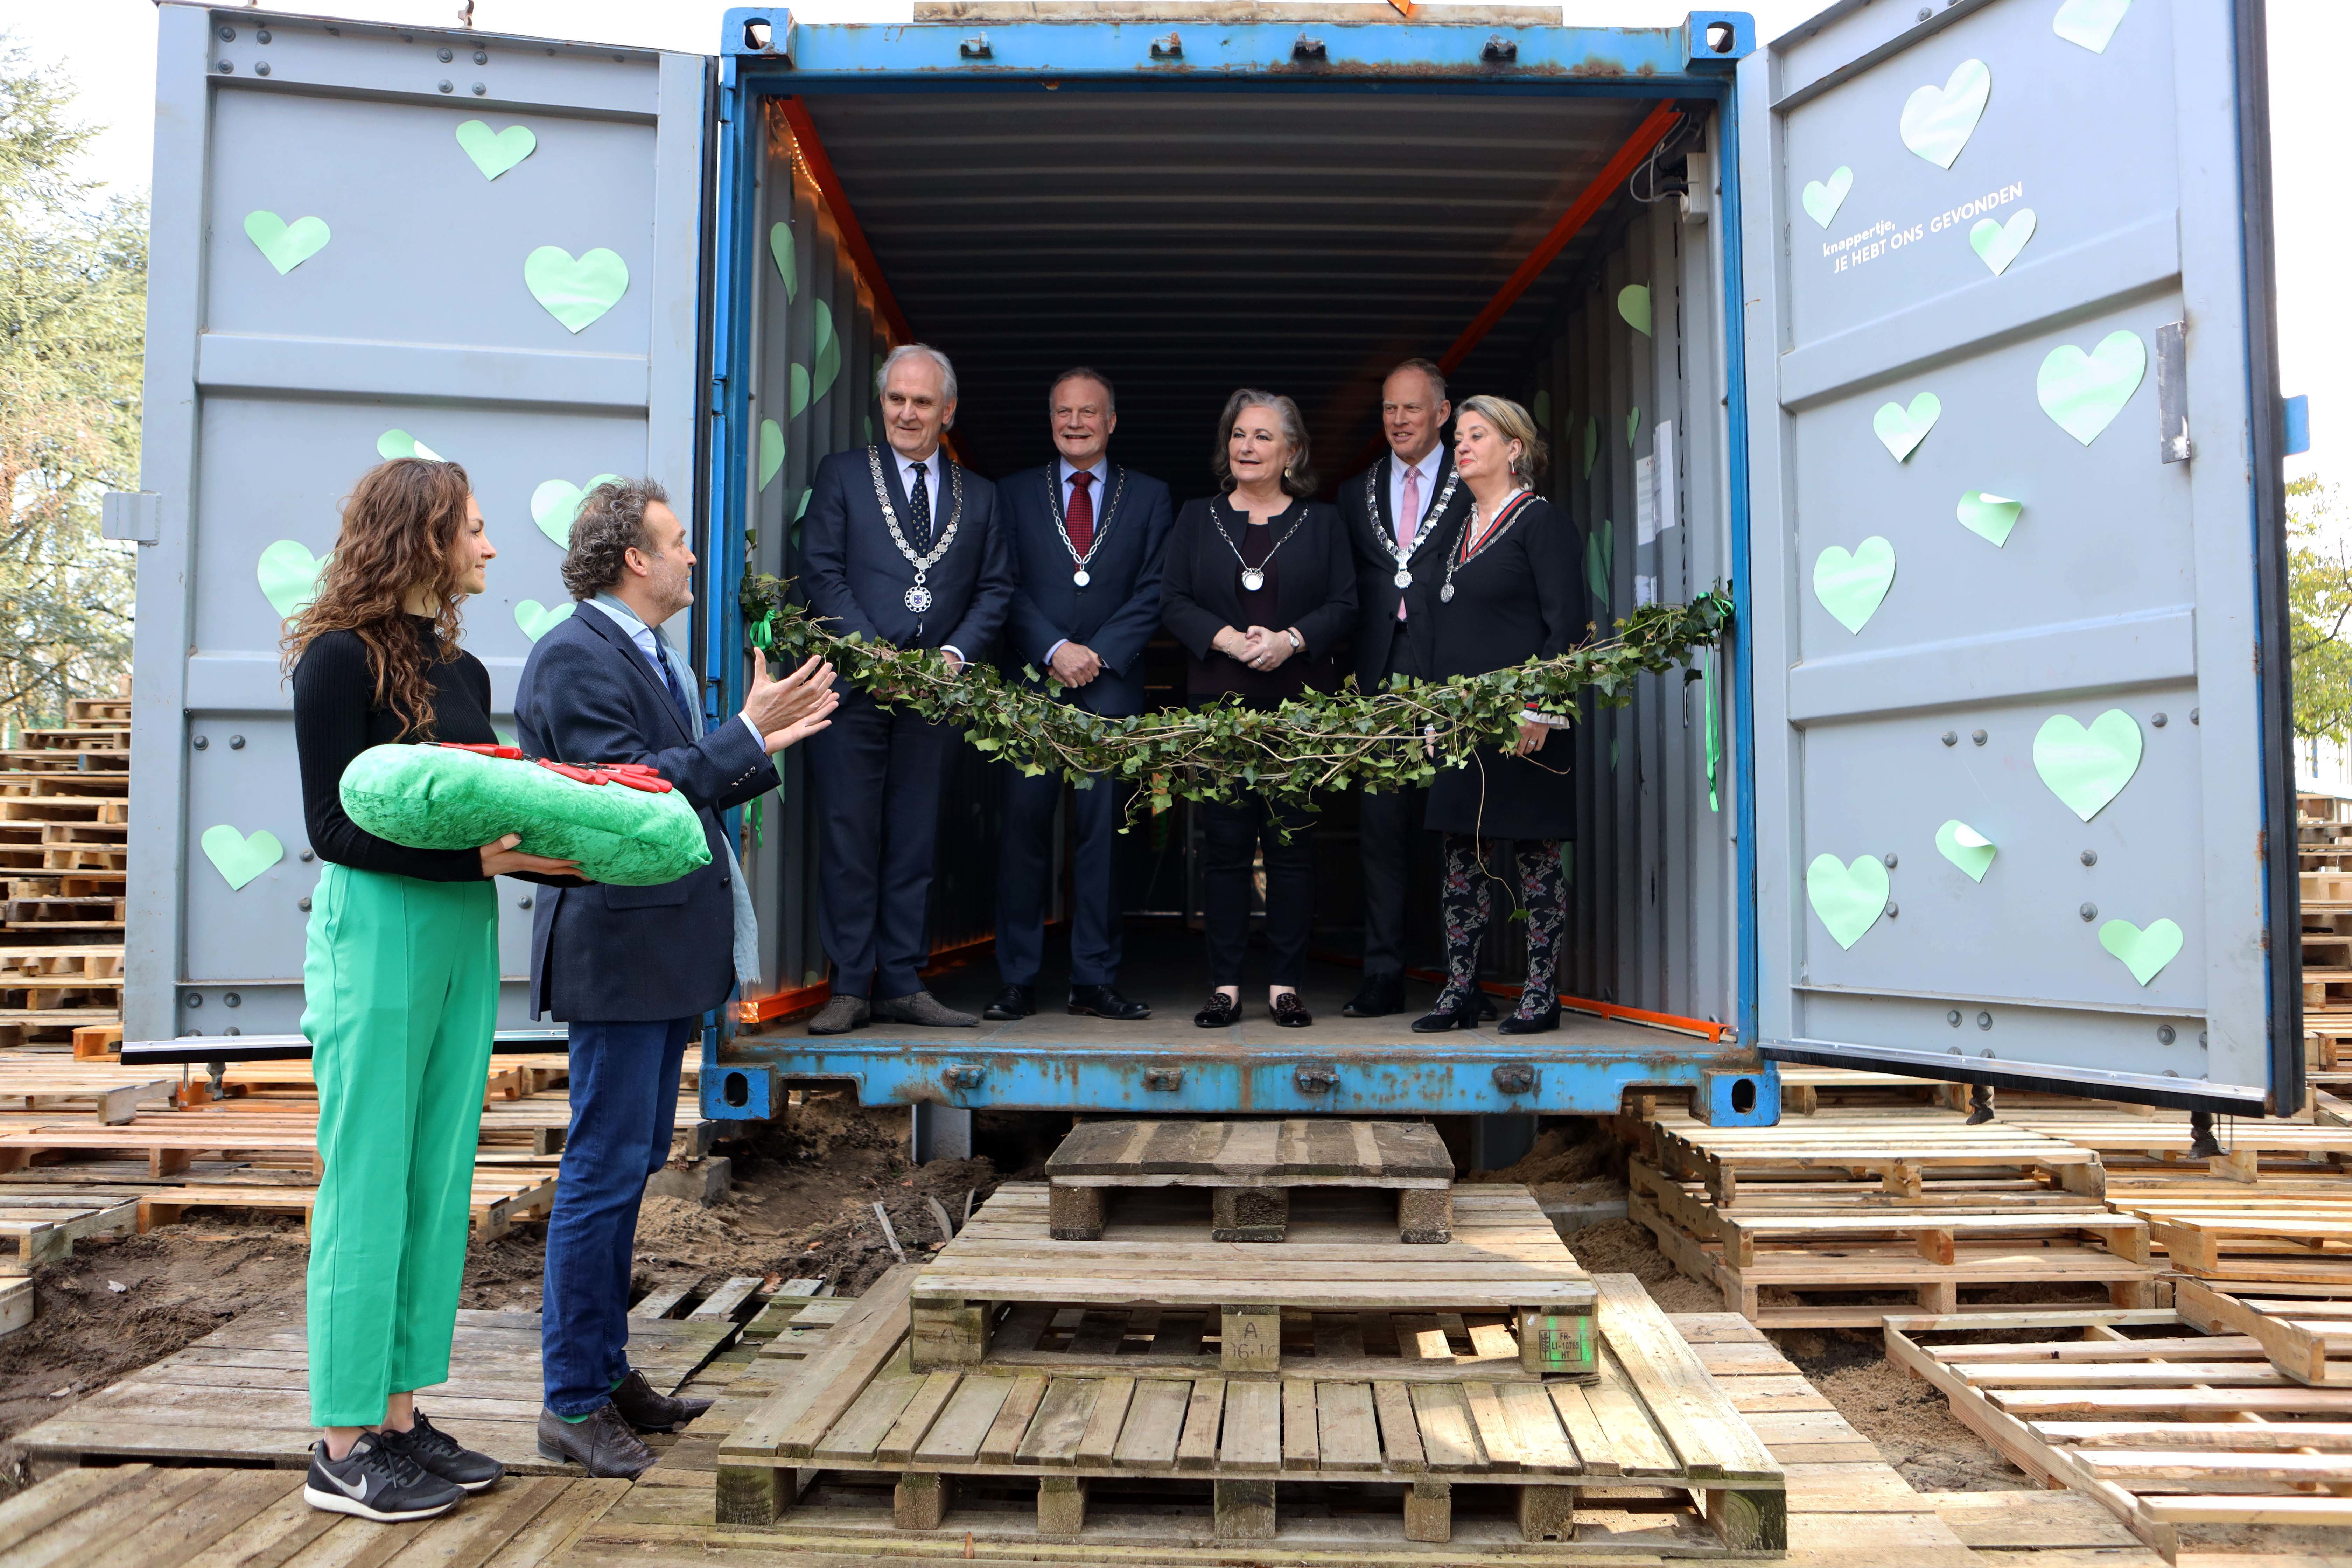 Groene Hart Huizen : De groene afslag geopend de groenste inspiratielocatie van